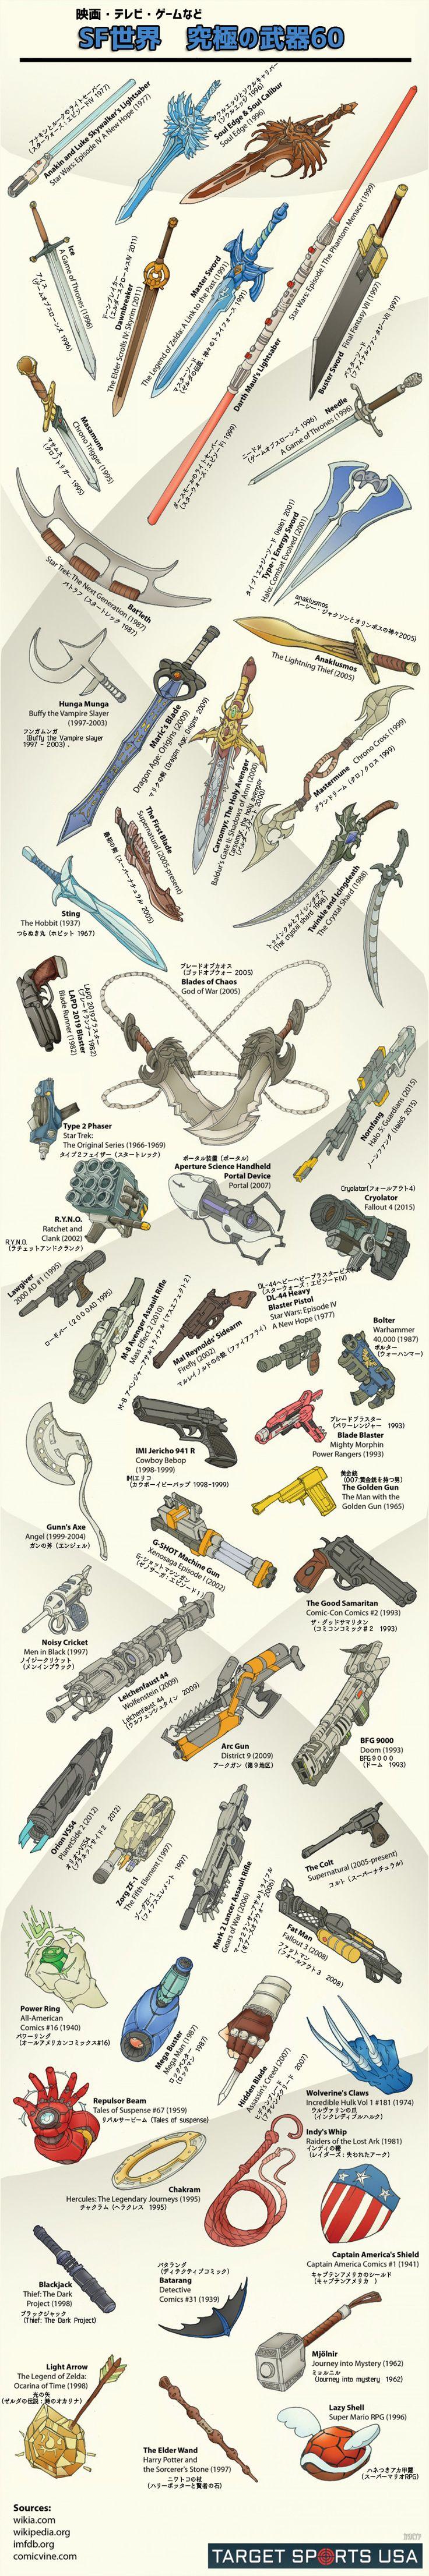 うわこれ懐かしい!ゲーム・映画・テレビ・マンガなどSF作品にでてくる架空の武器60